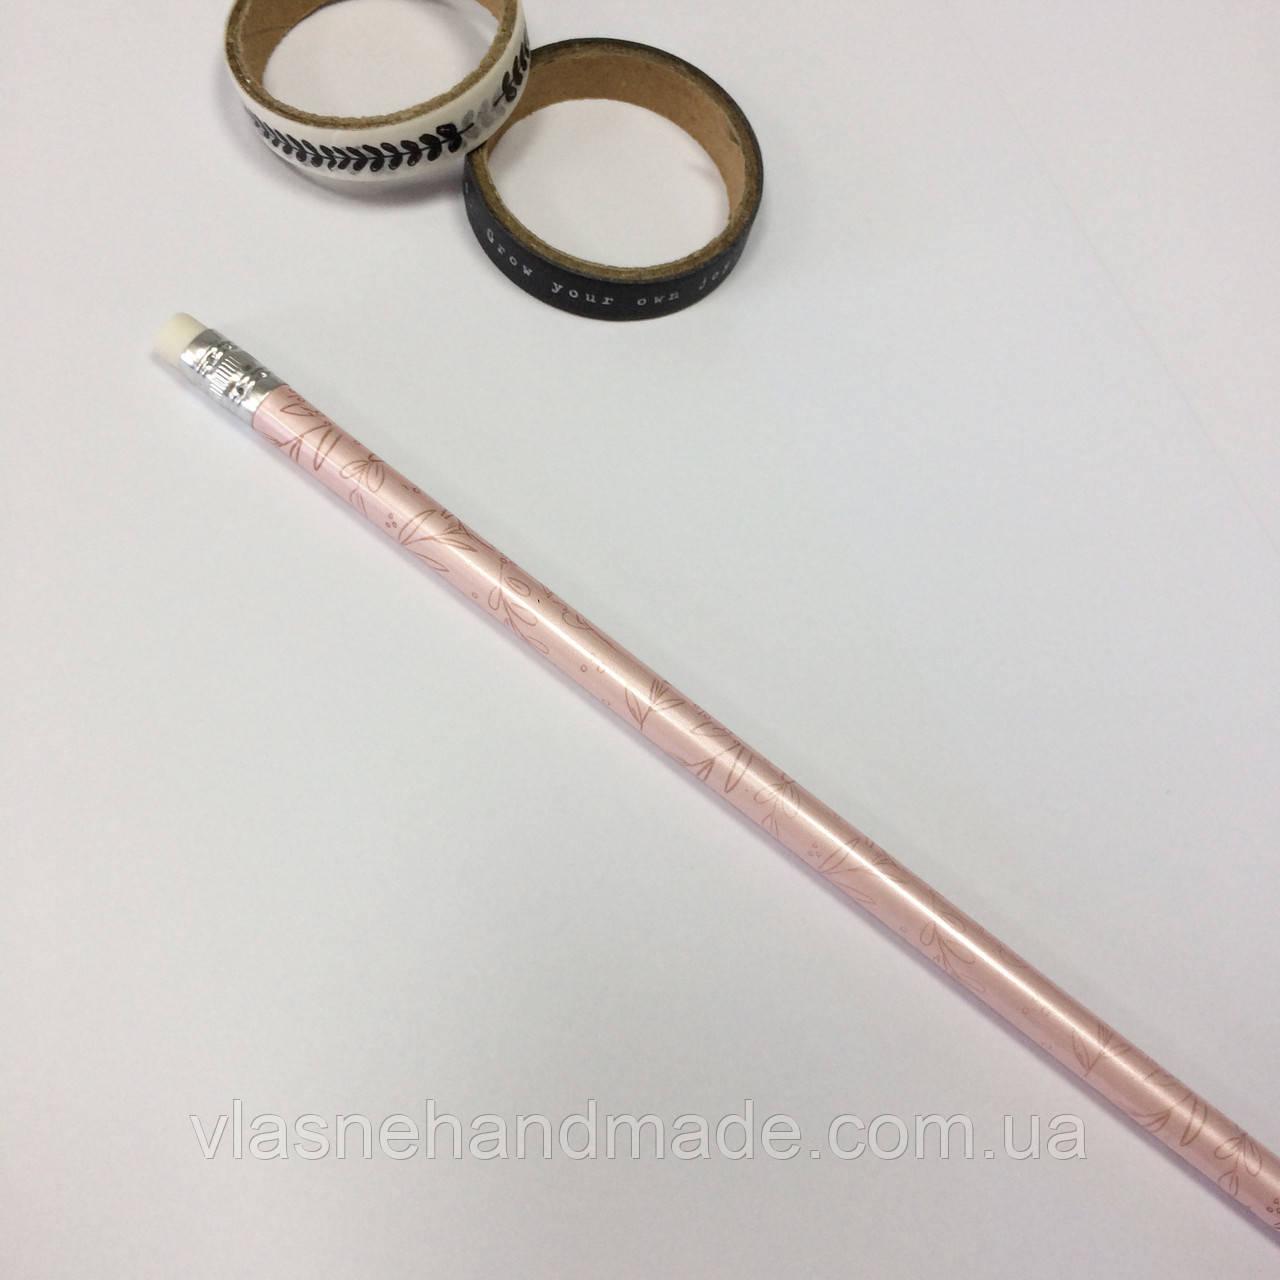 Олівець (карандаш) простий. Зовні з перламутровим ефектом.